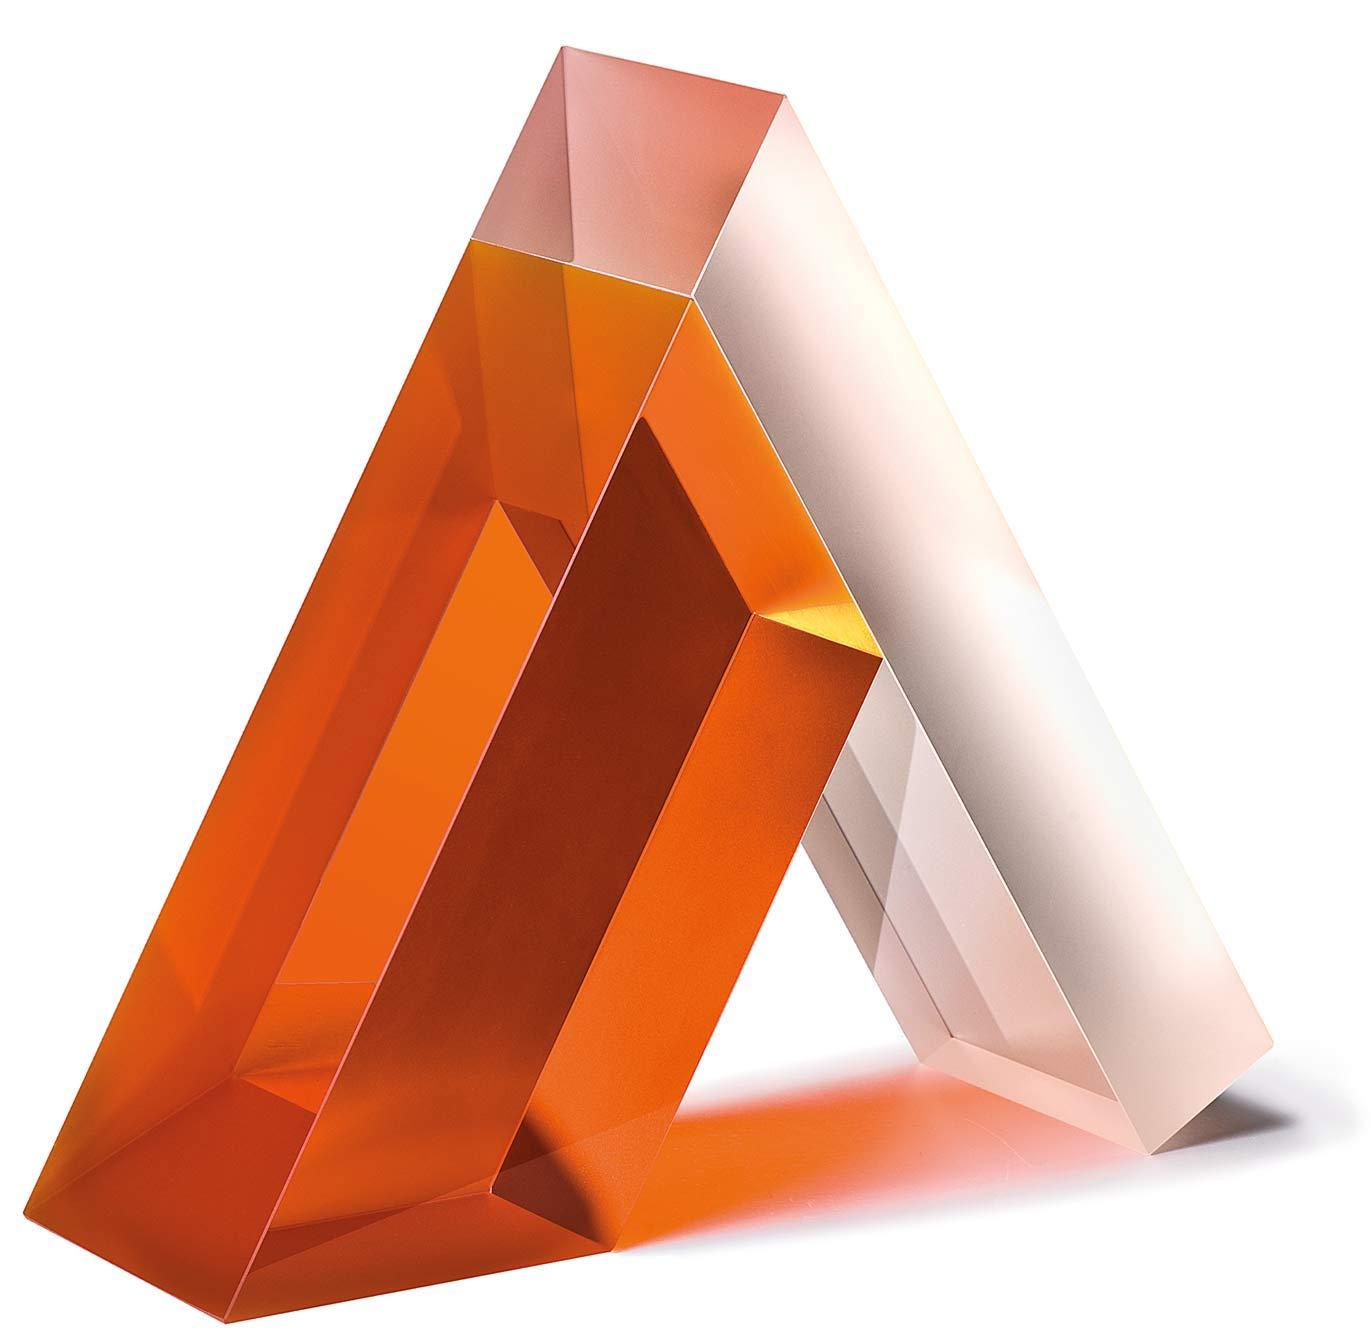 Háromszög Narancshasábbal - Peter Botos